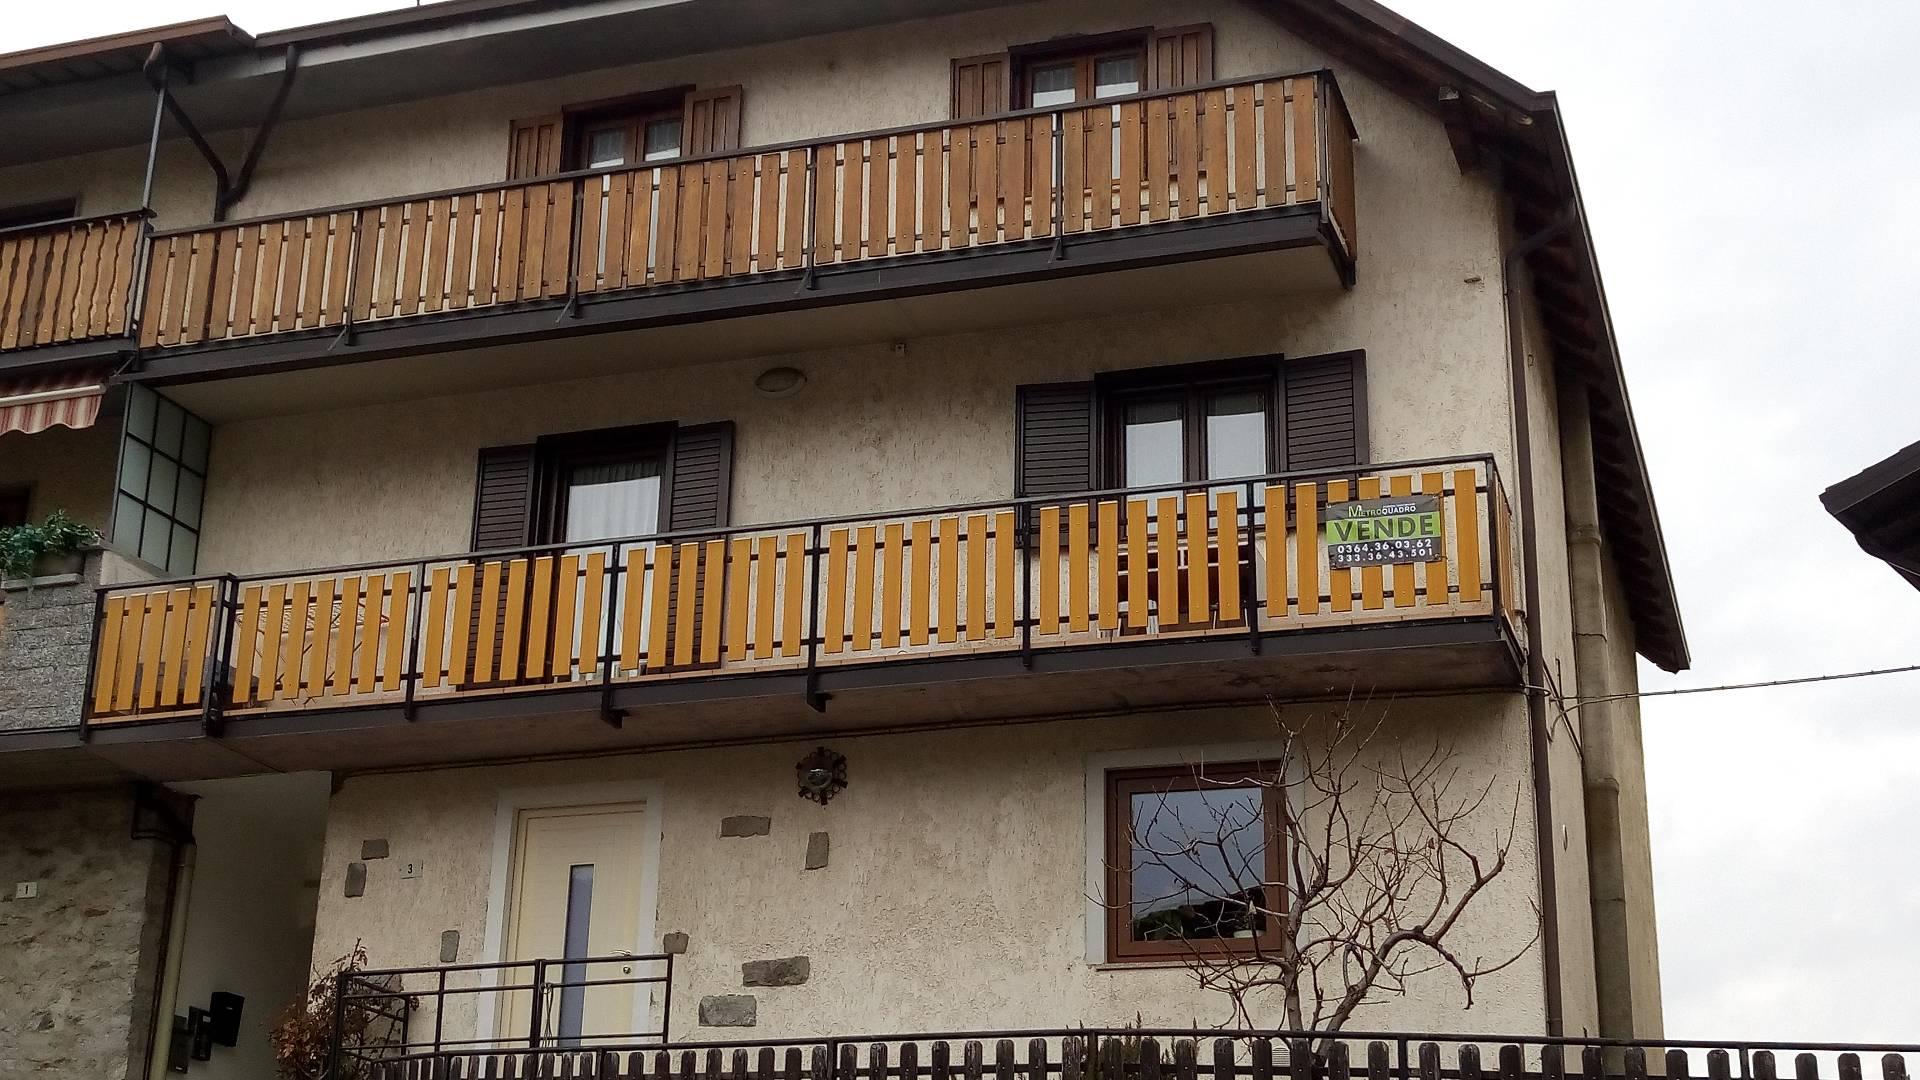 Appartamento in vendita a Paspardo, 5 locali, prezzo € 85.000 | CambioCasa.it